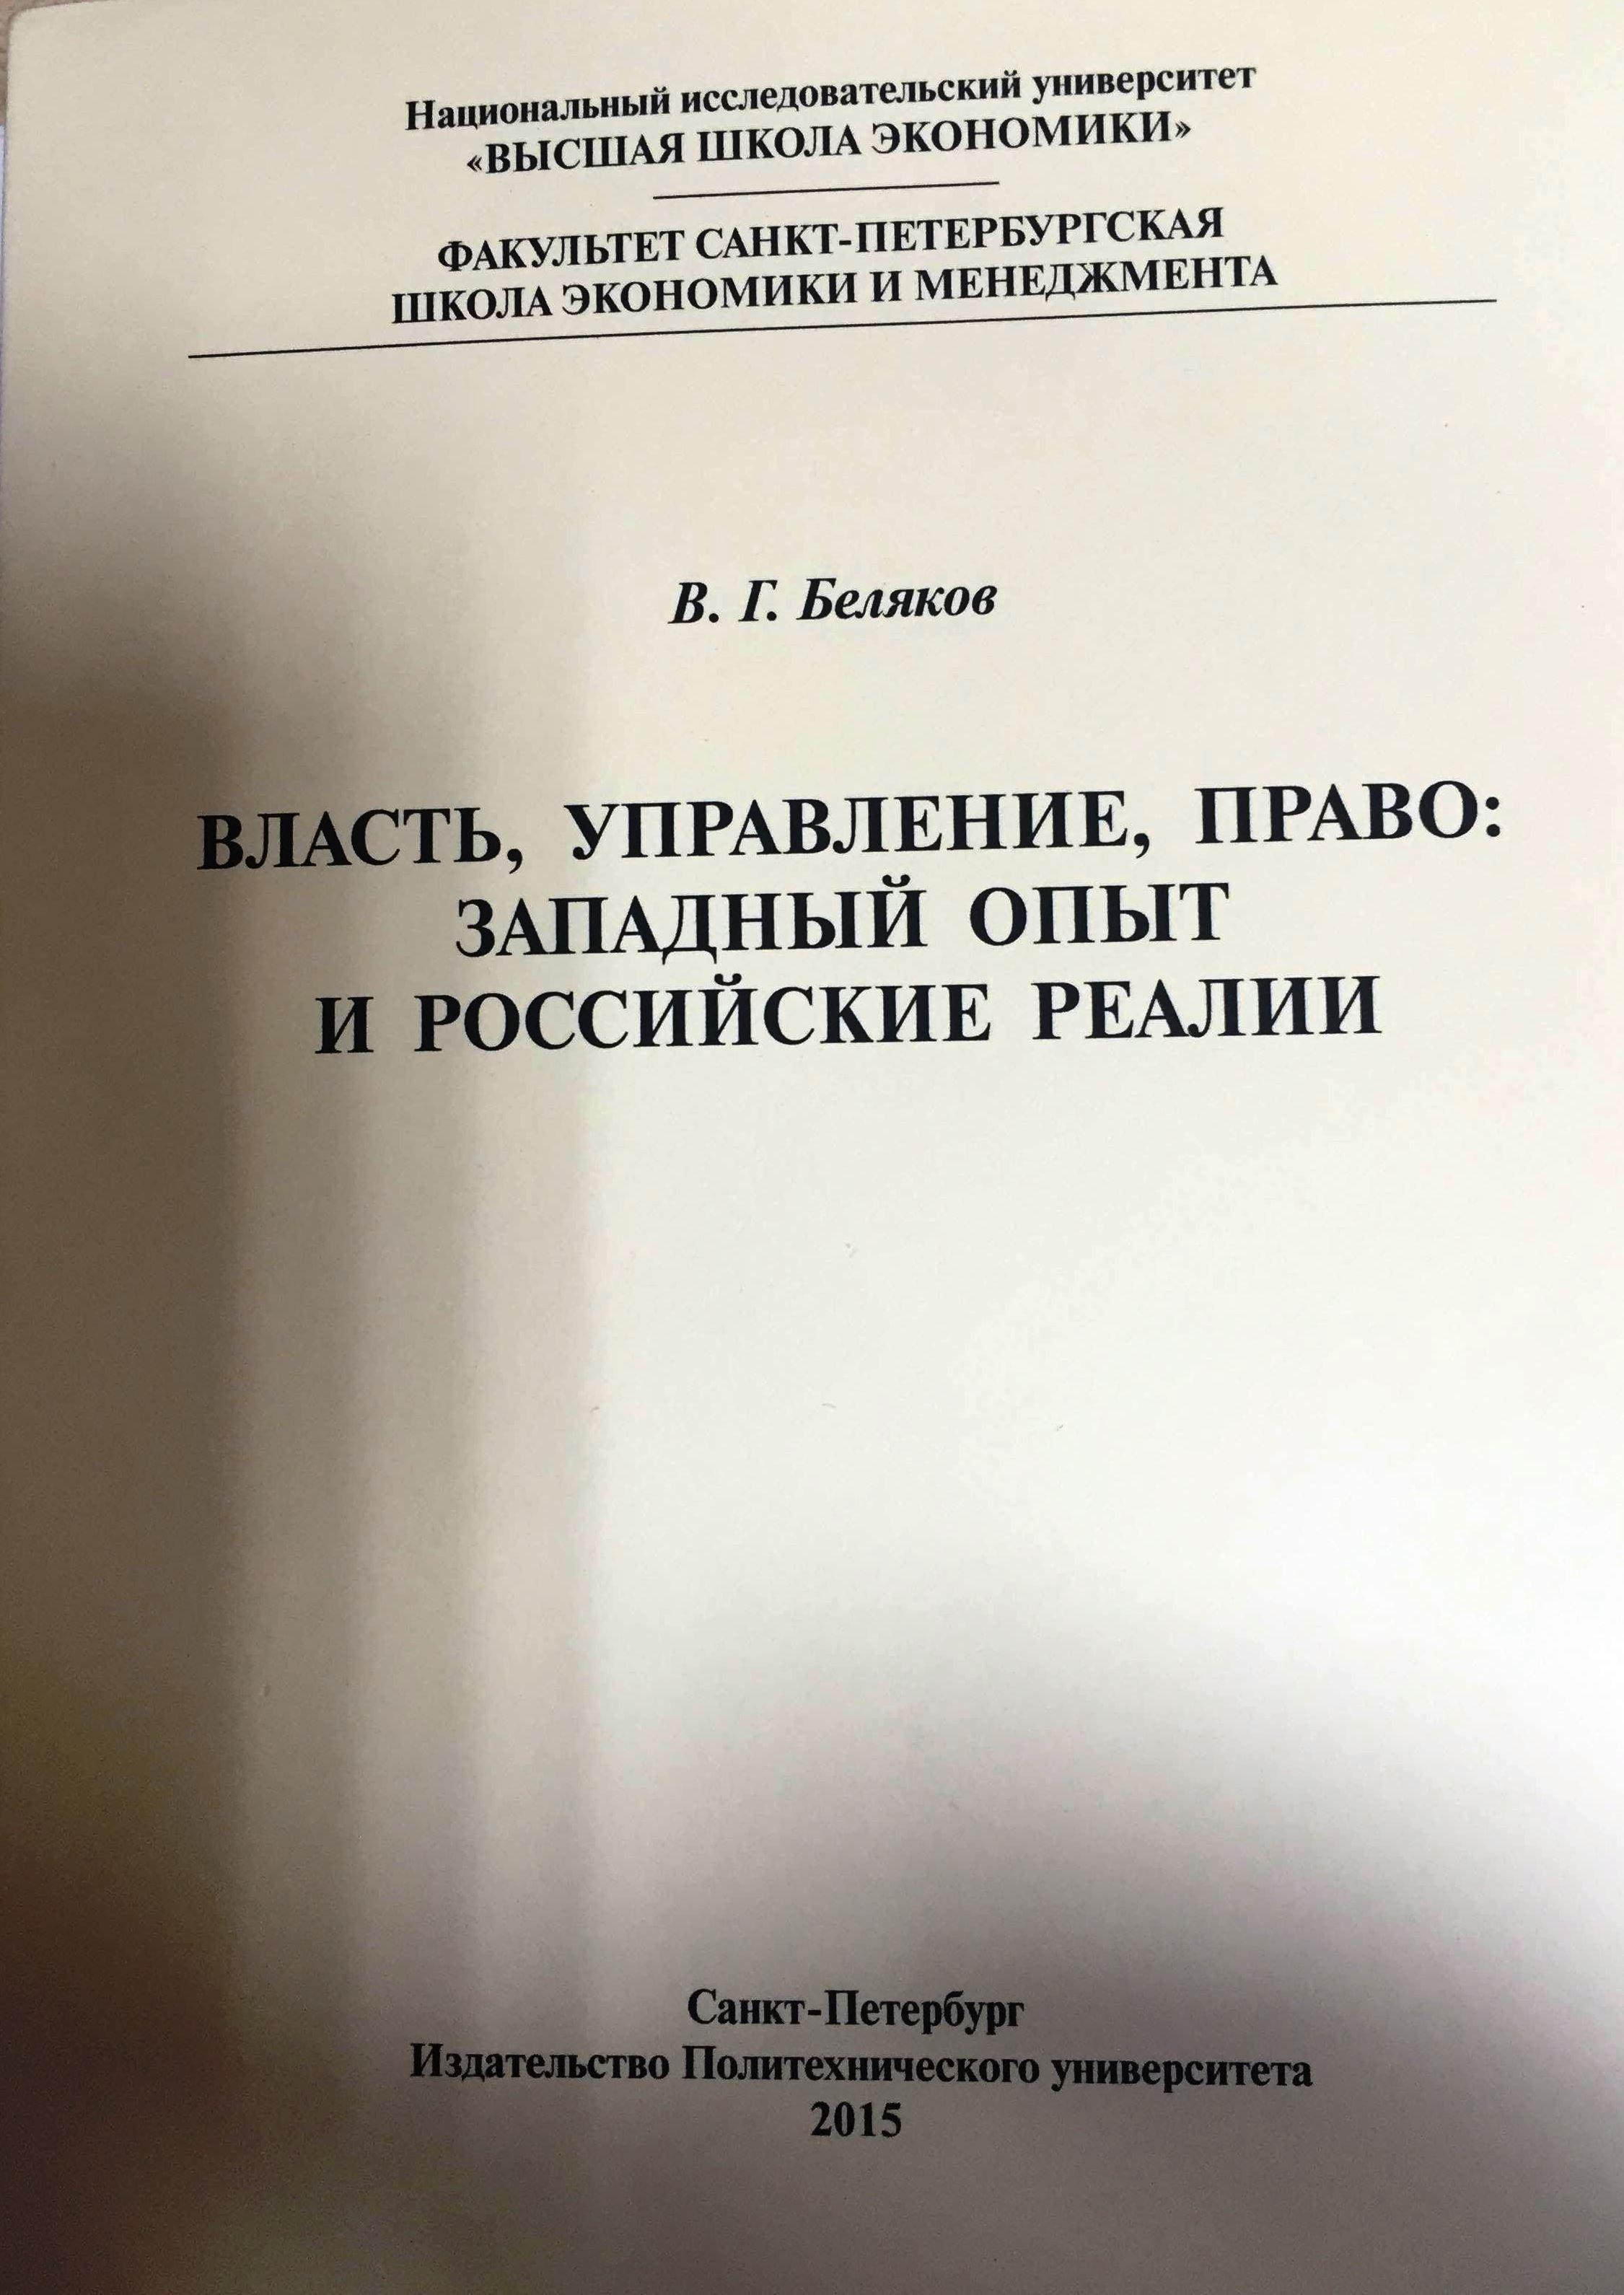 Власть, управление, право: западный опыт и российские реалии